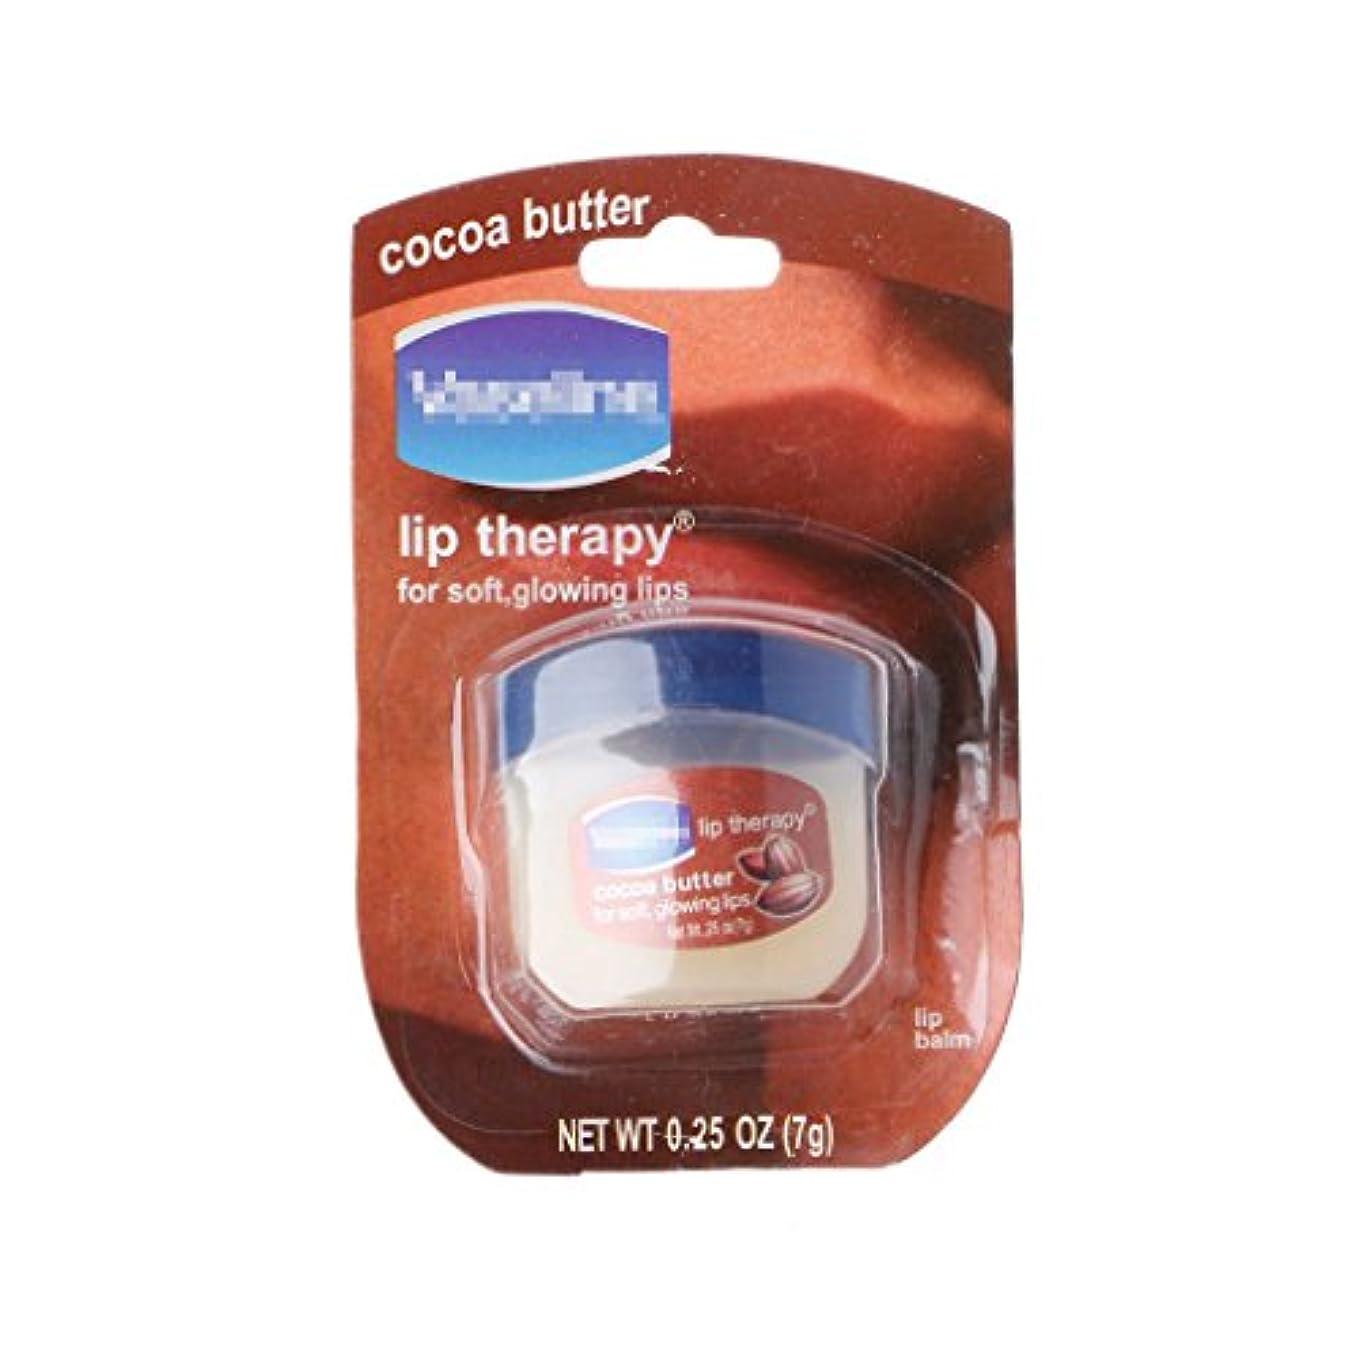 Manyao 身体の顔のための純粋な石油ゼリースキンプロテクターモイスチャライザーワセリンクリーム (NO.1)